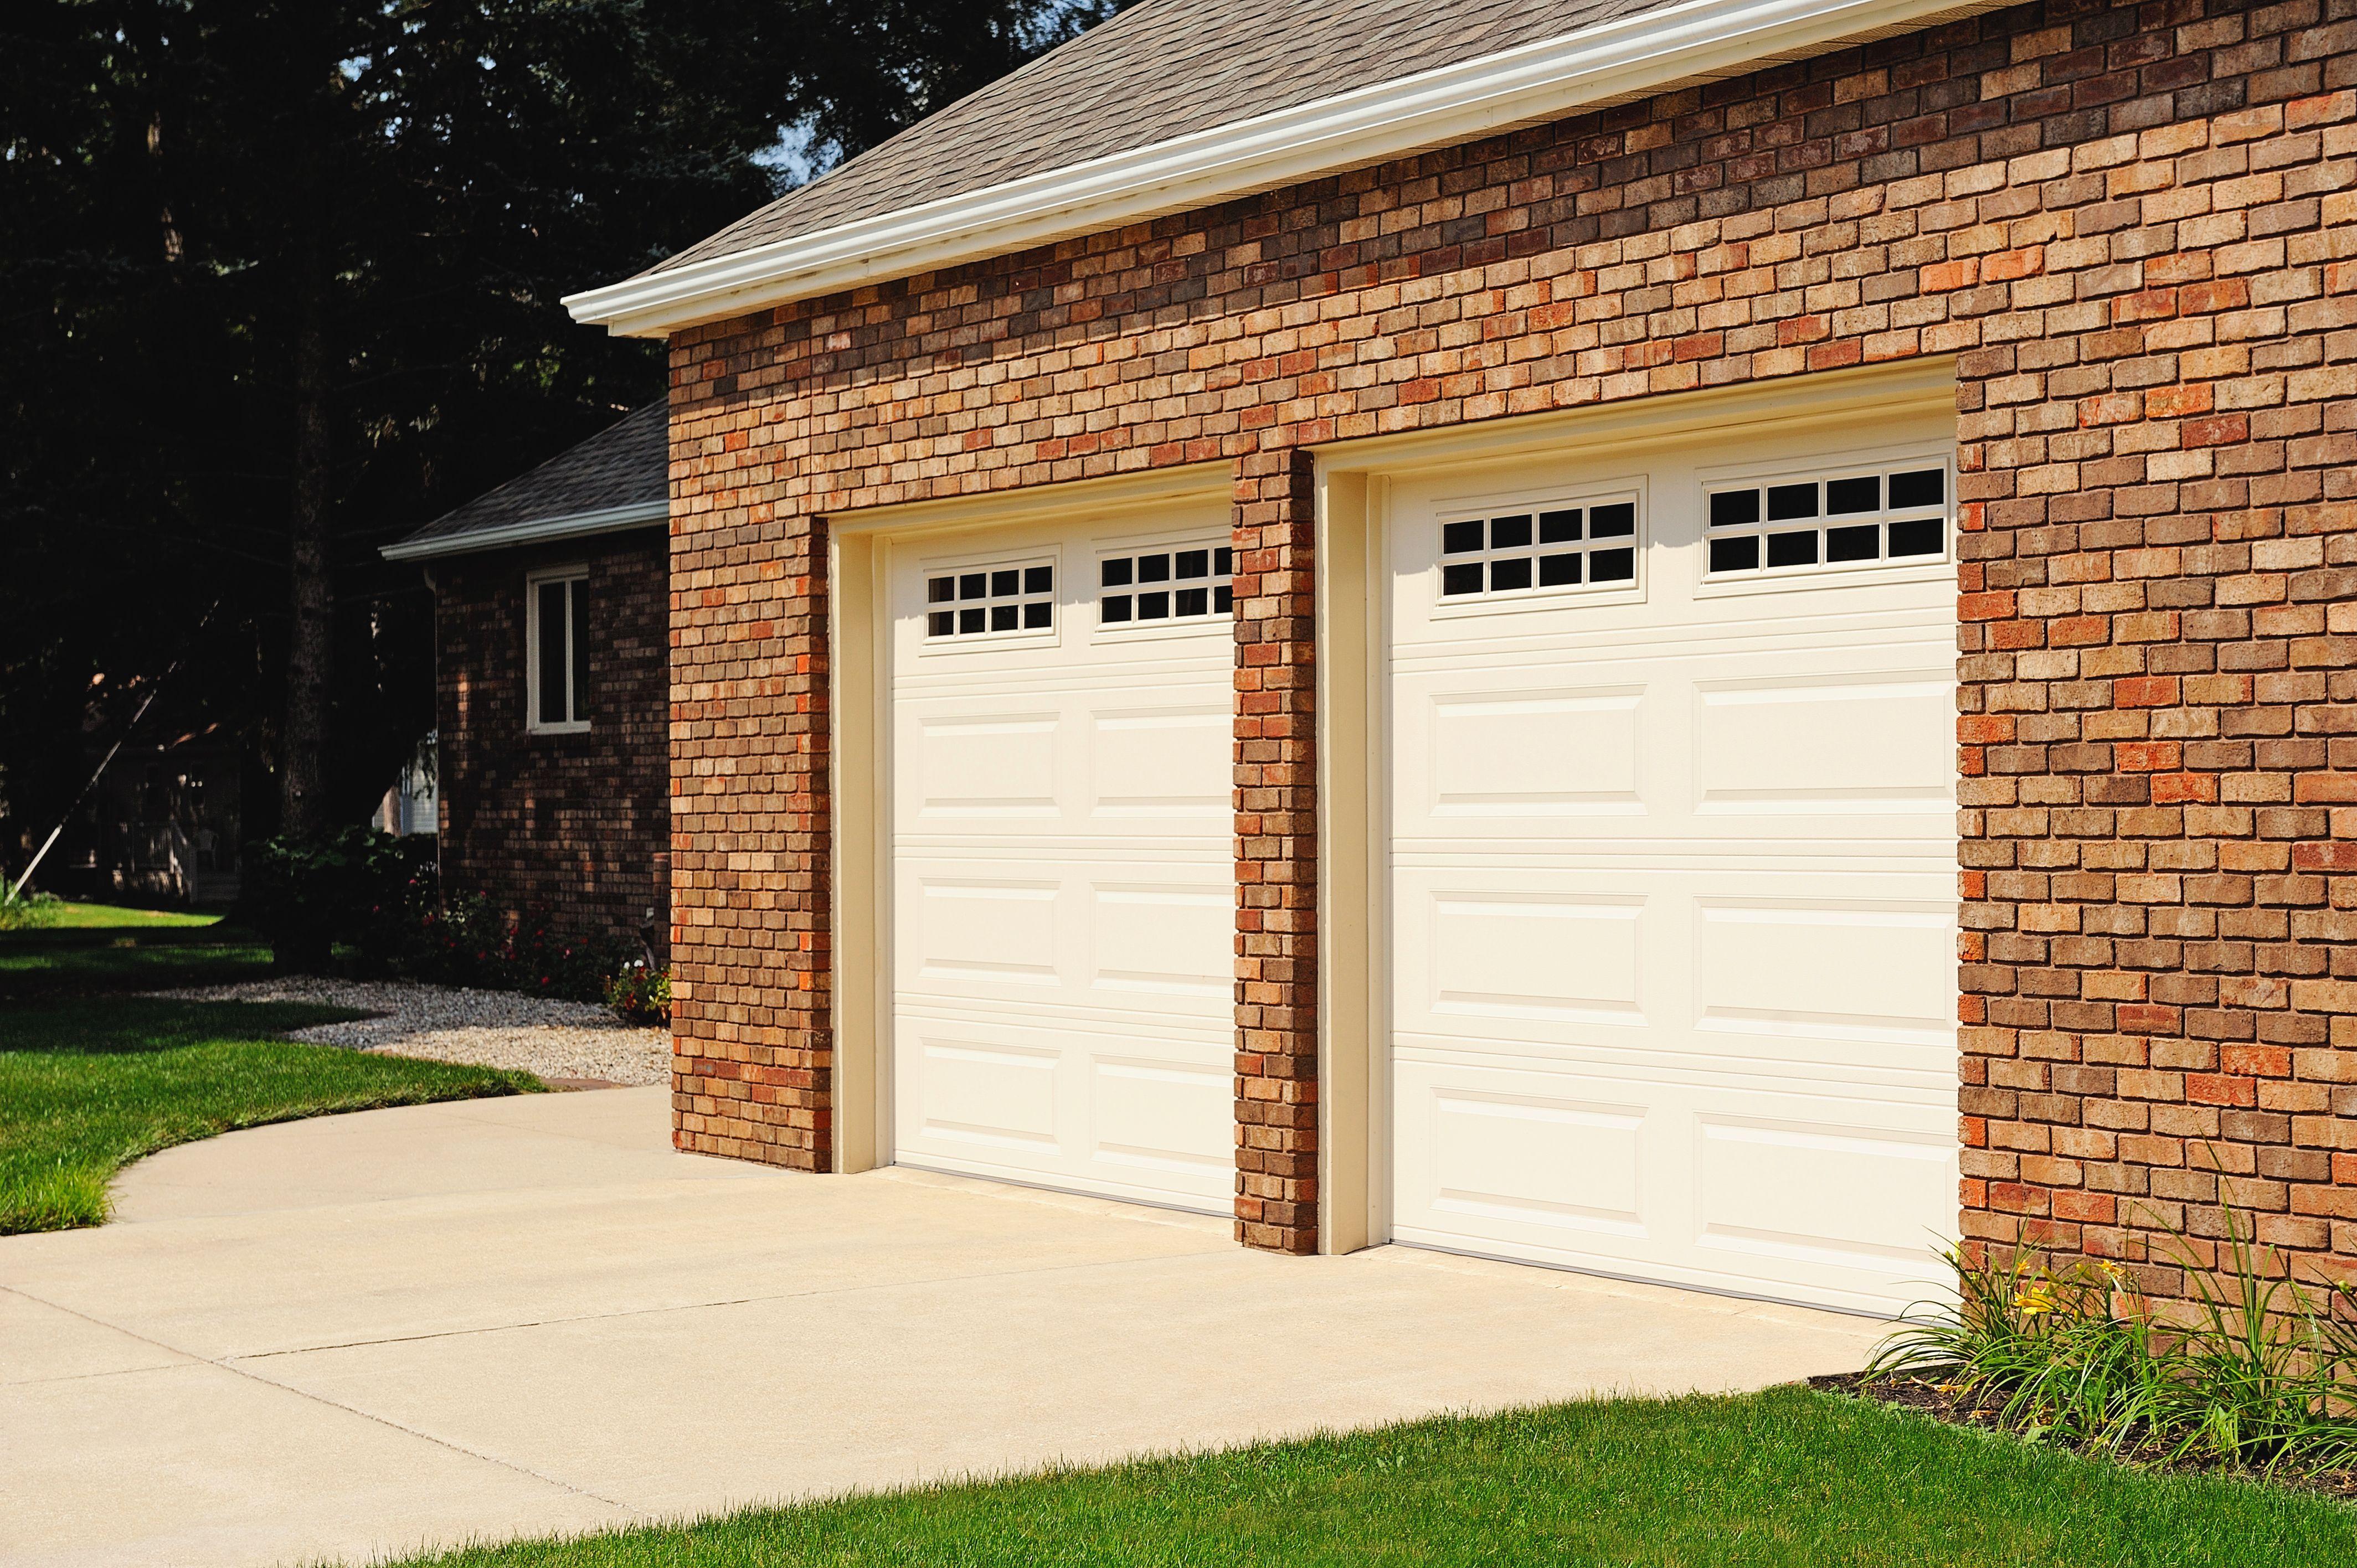 Residential Garage Doors Gallery Chi Overhead Doors Garage Doors Residential Garage Doors Overhead Door